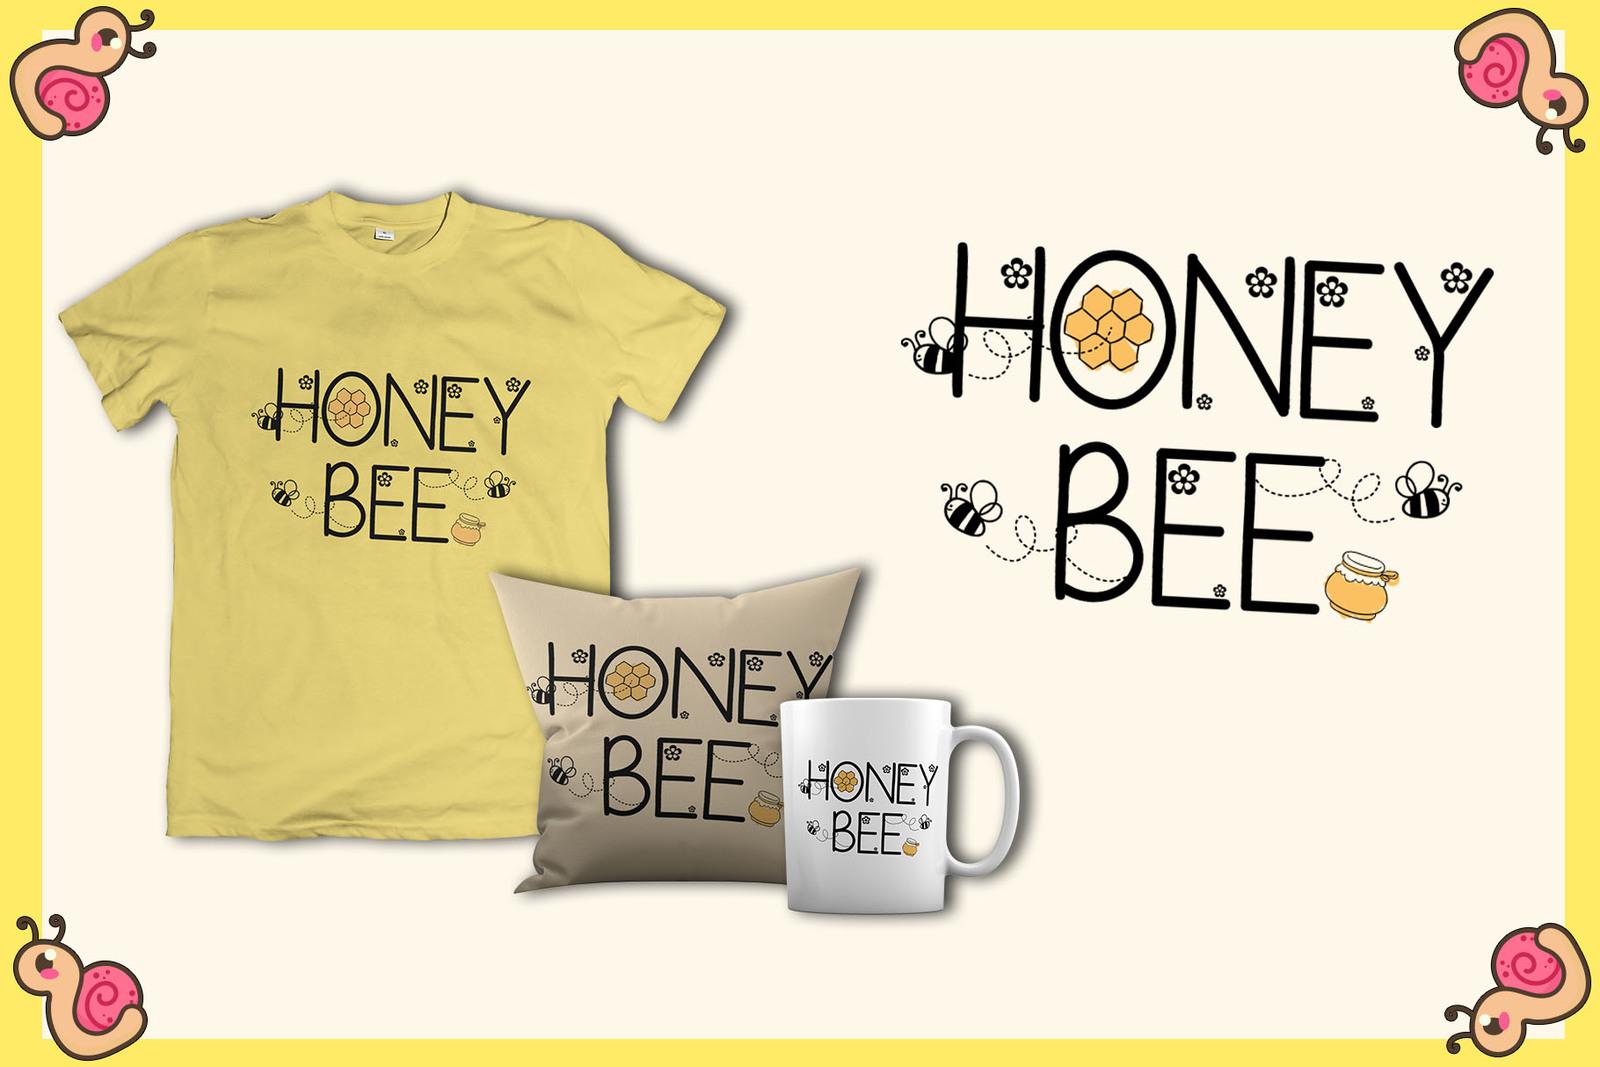 Honey Beezy